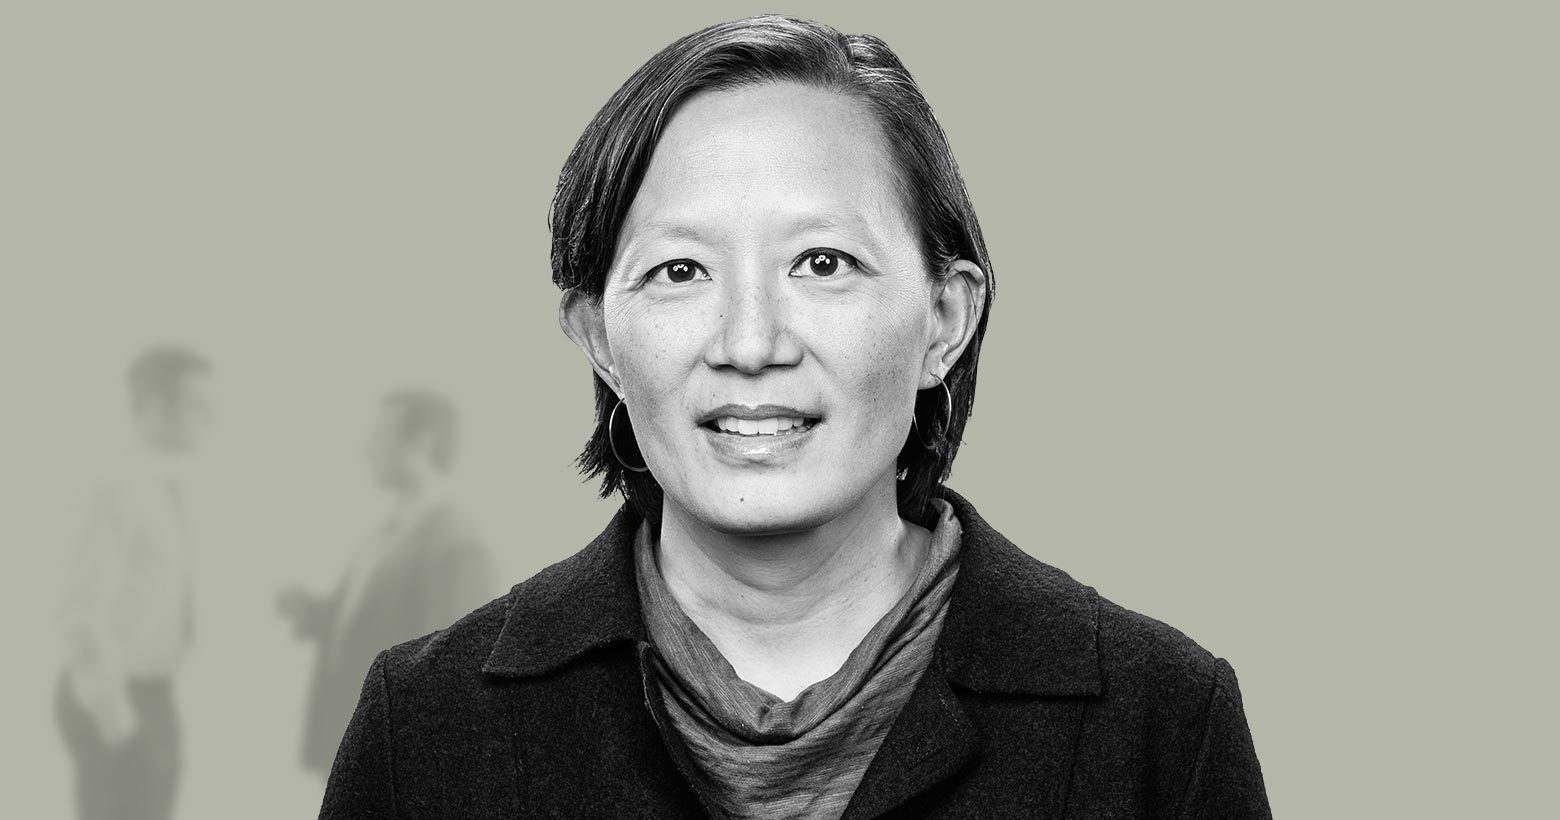 Hyang-Sook Lee